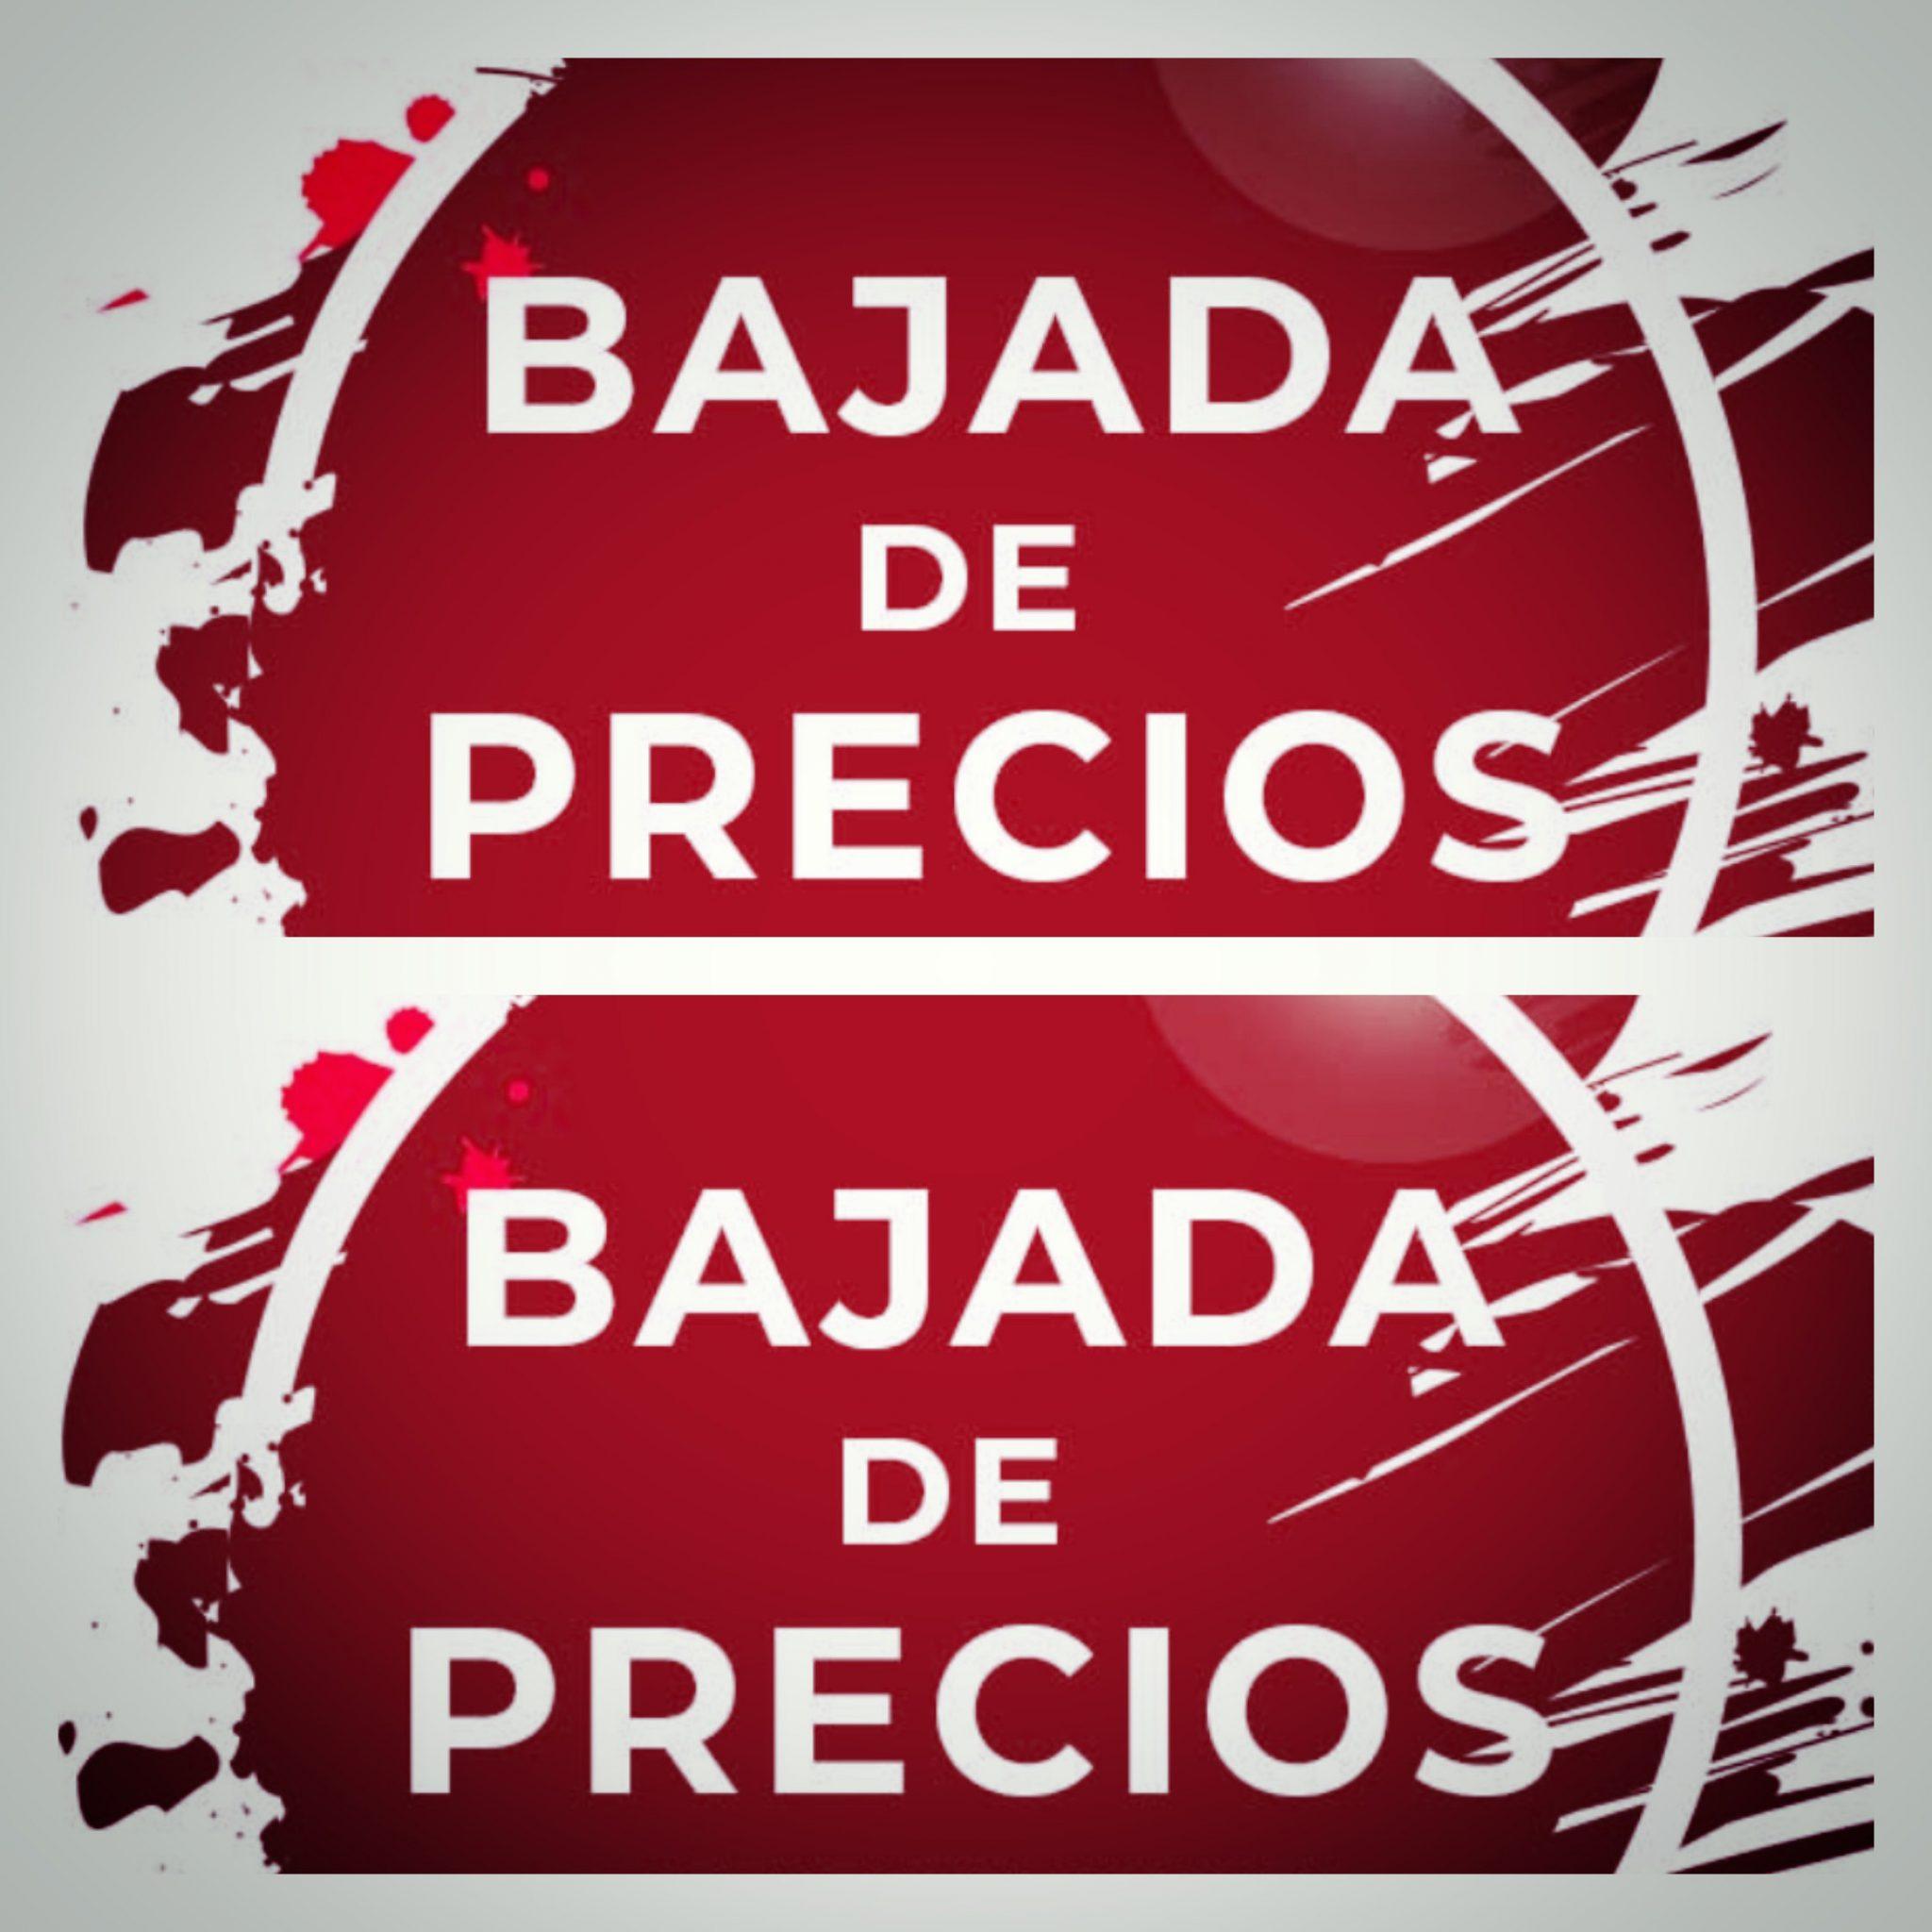 bajada_precios3